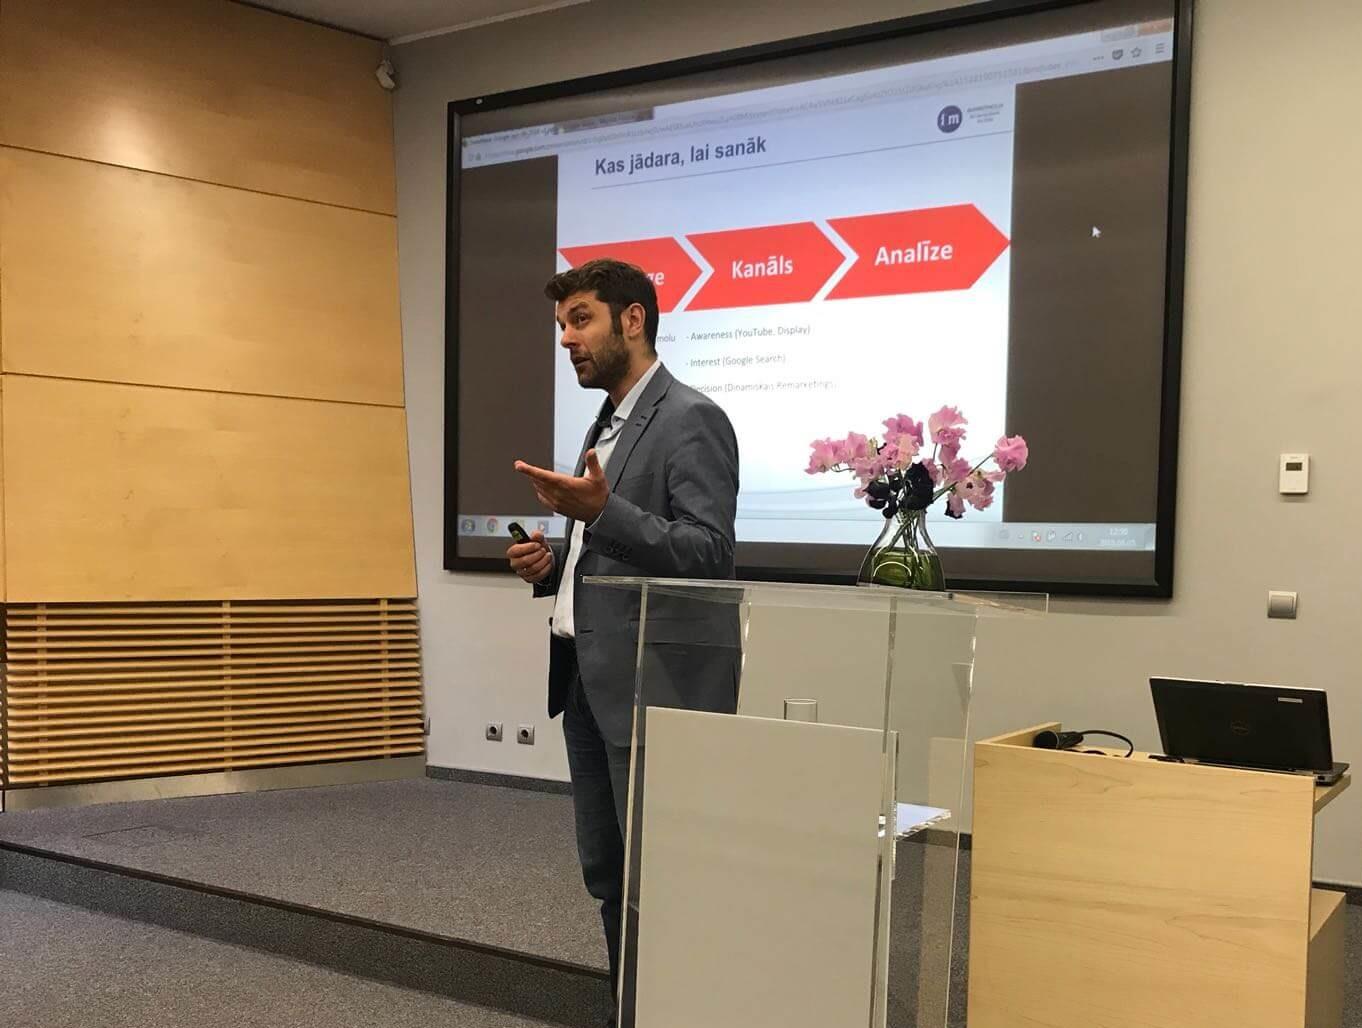 Google seminārs Swedbank klientiem - jāizmanto vairāk nekā viens kanāls mērķu sasniegšanai